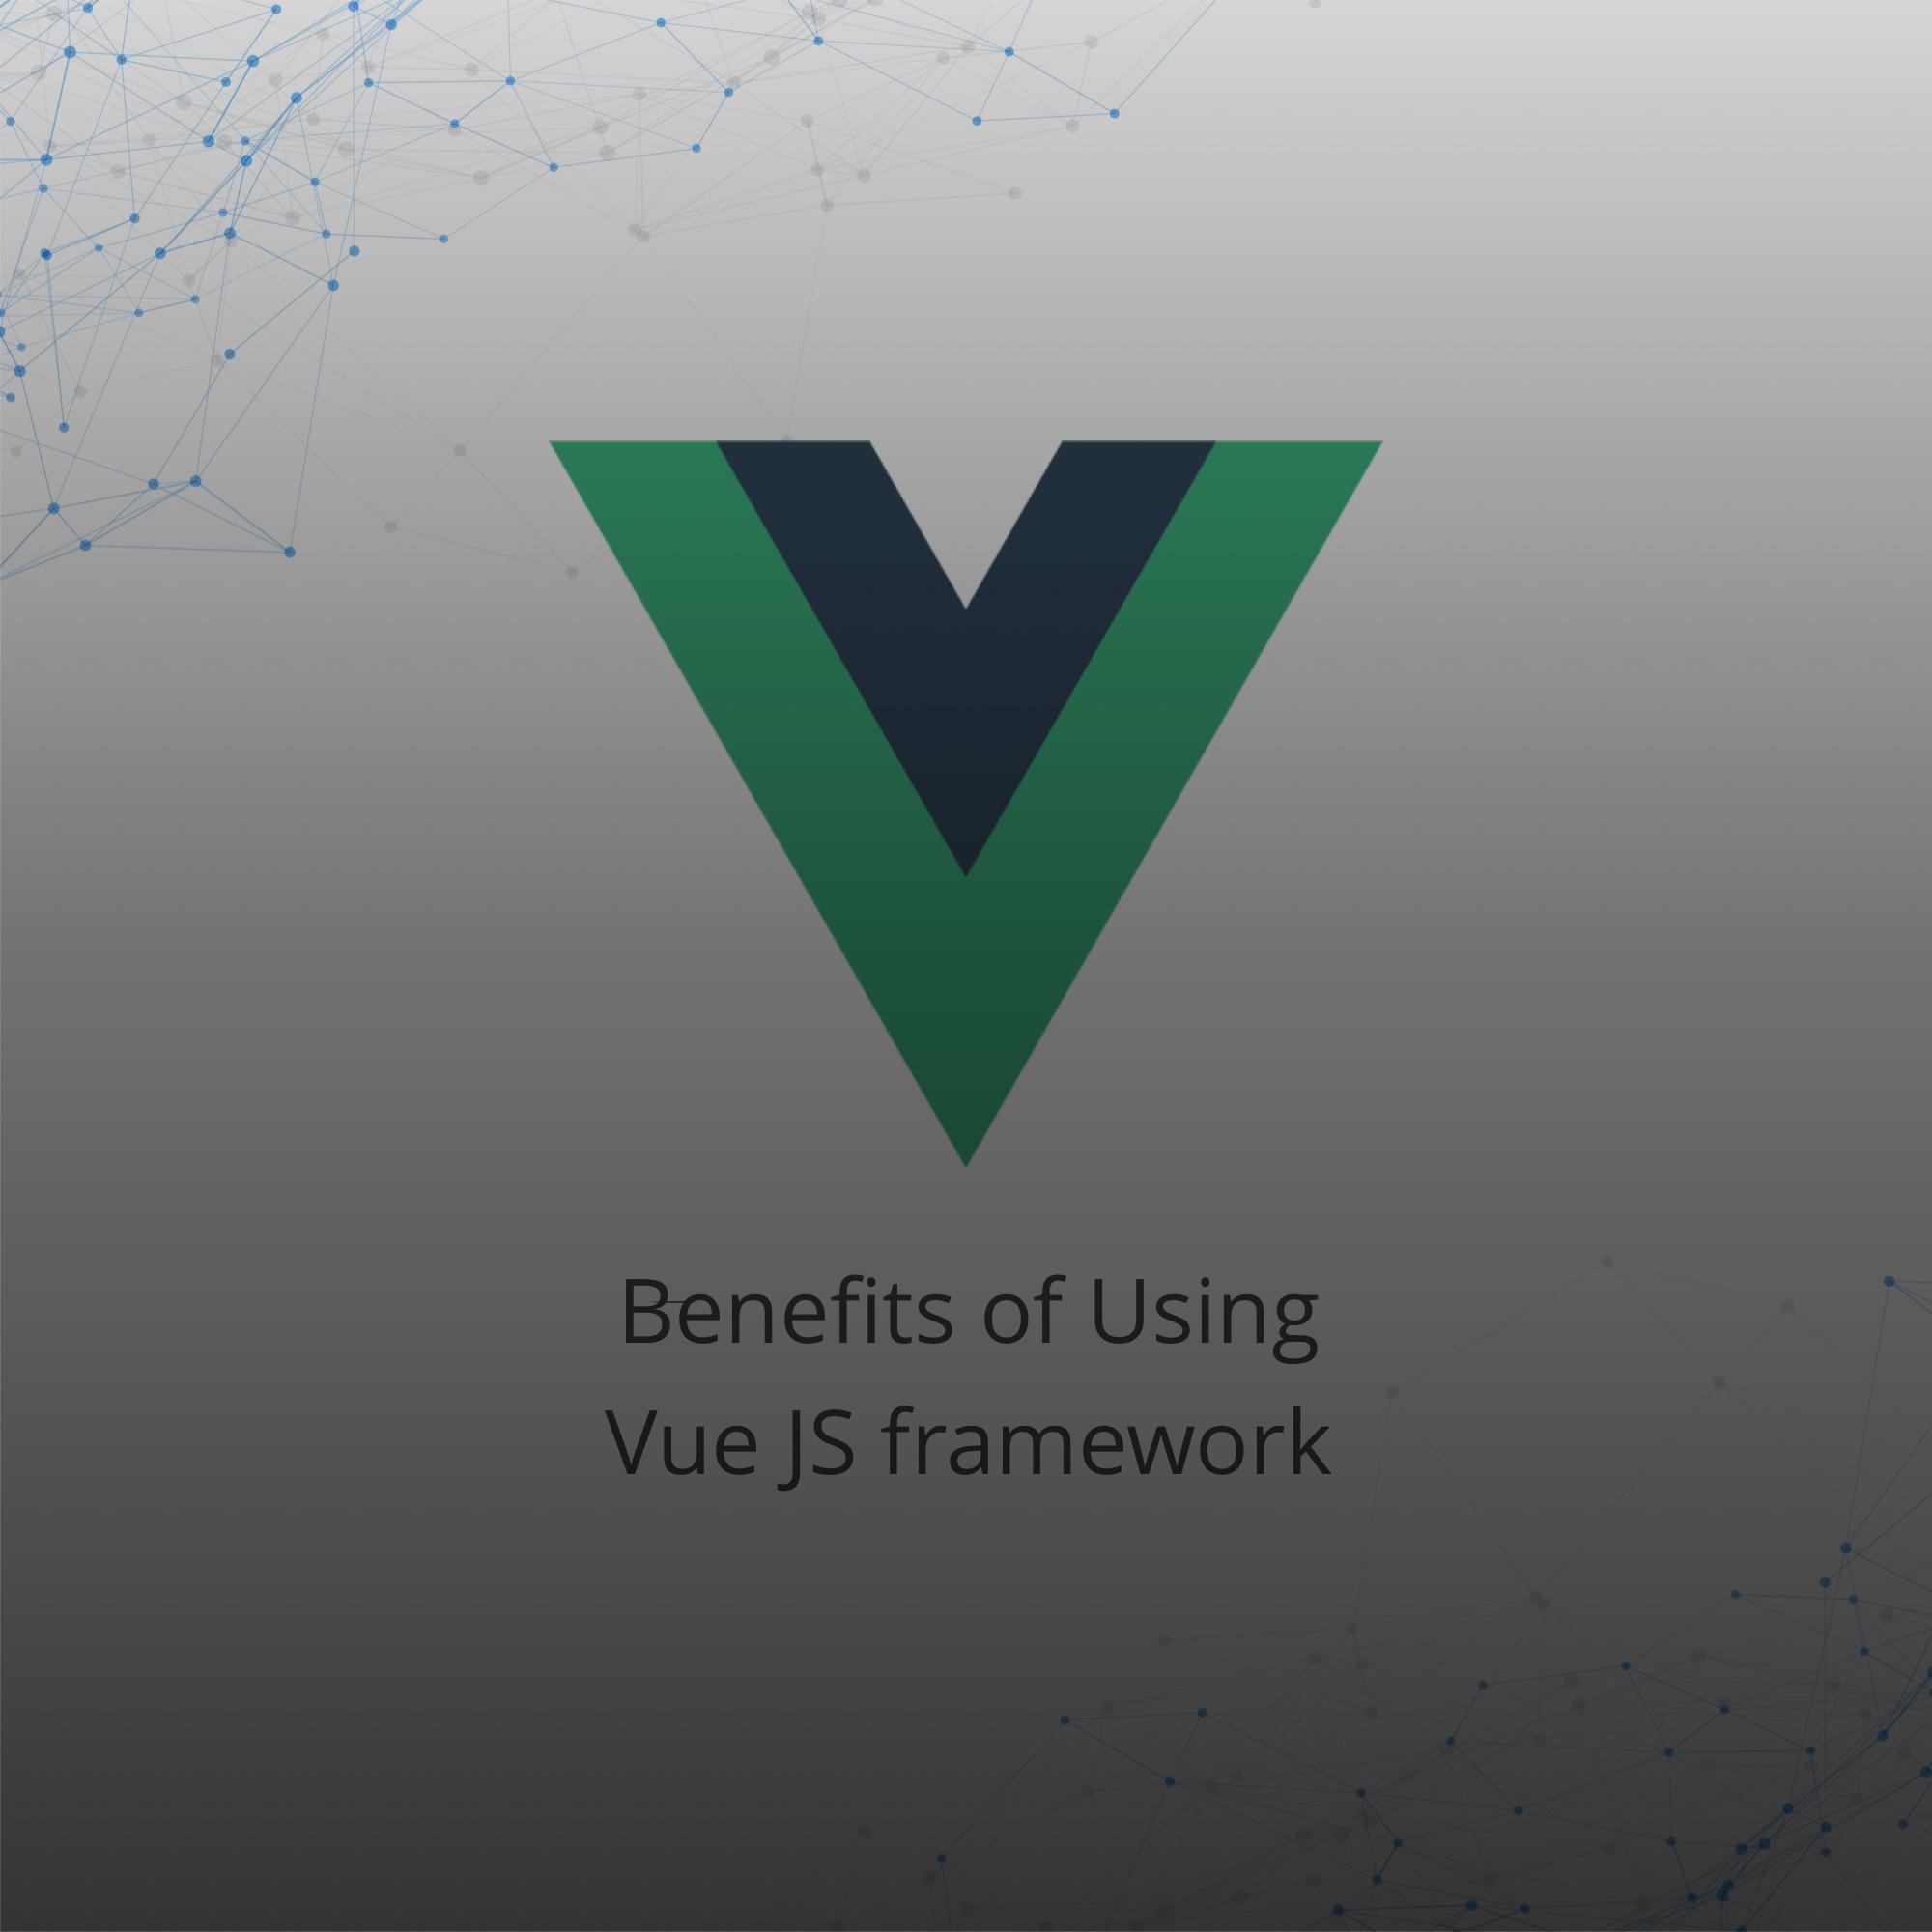 advantages of vue js framework